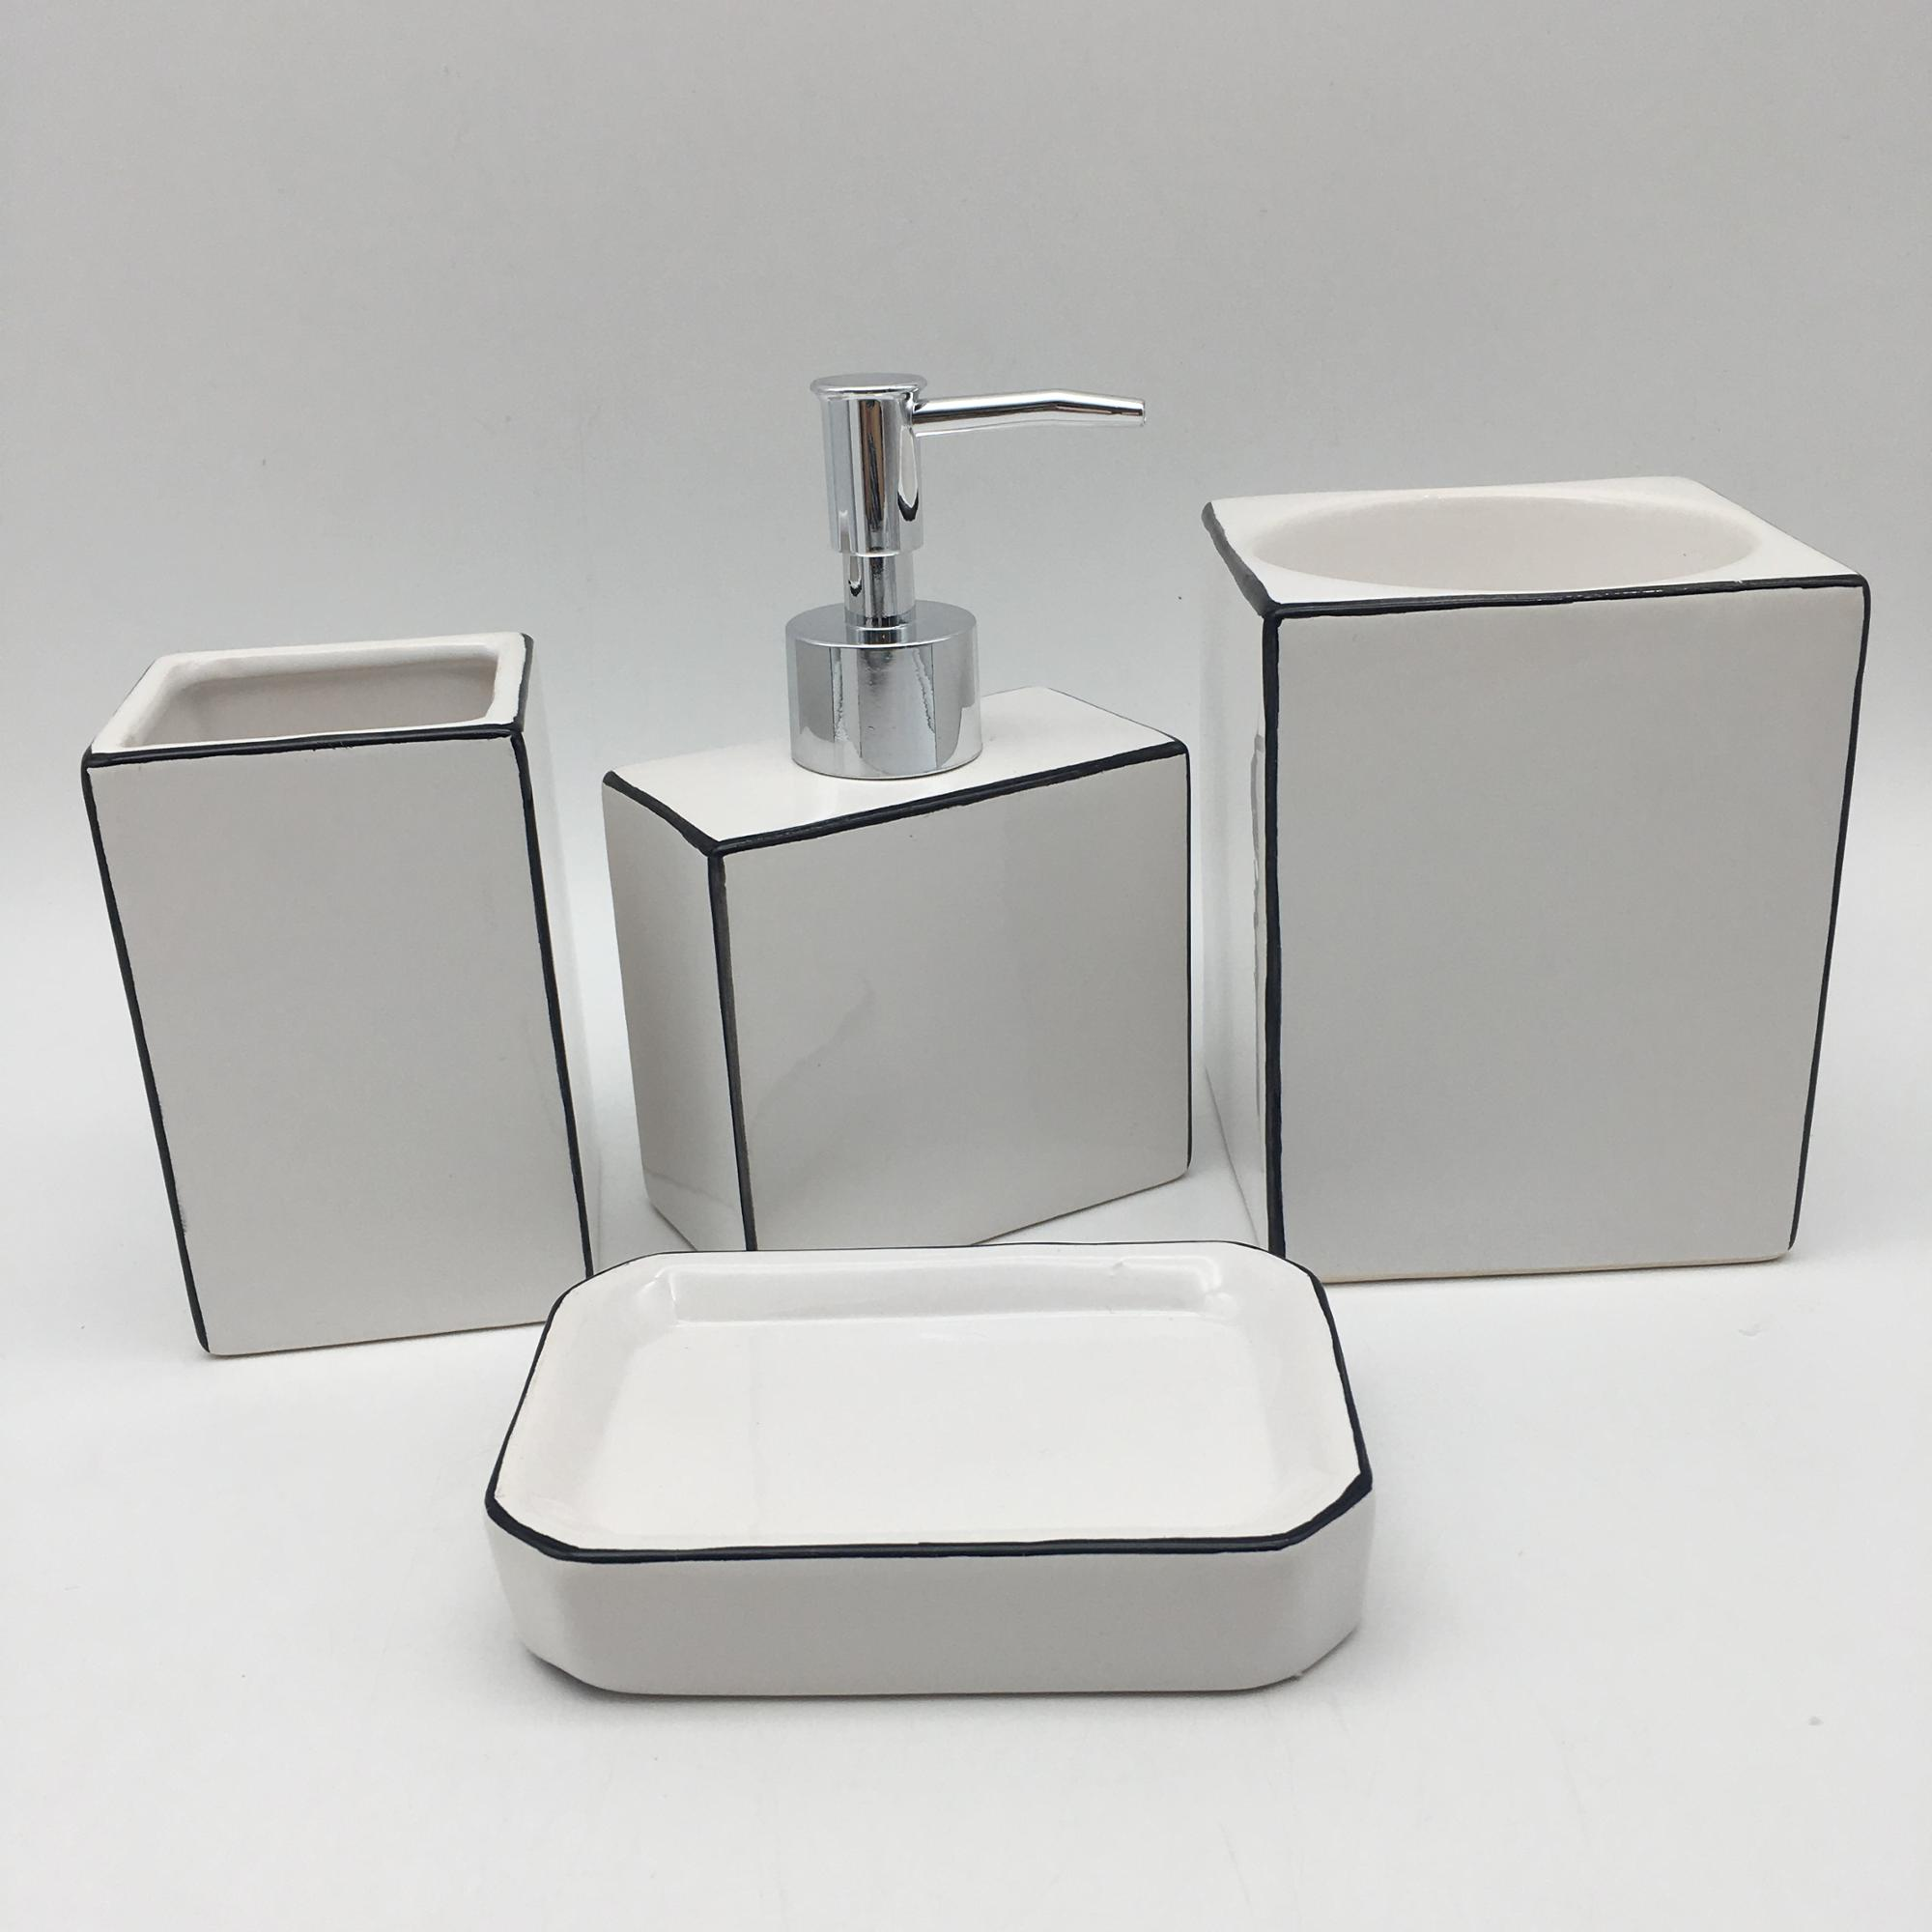 Simple Hotel Design Target Audit Ceramic Bathroom ...